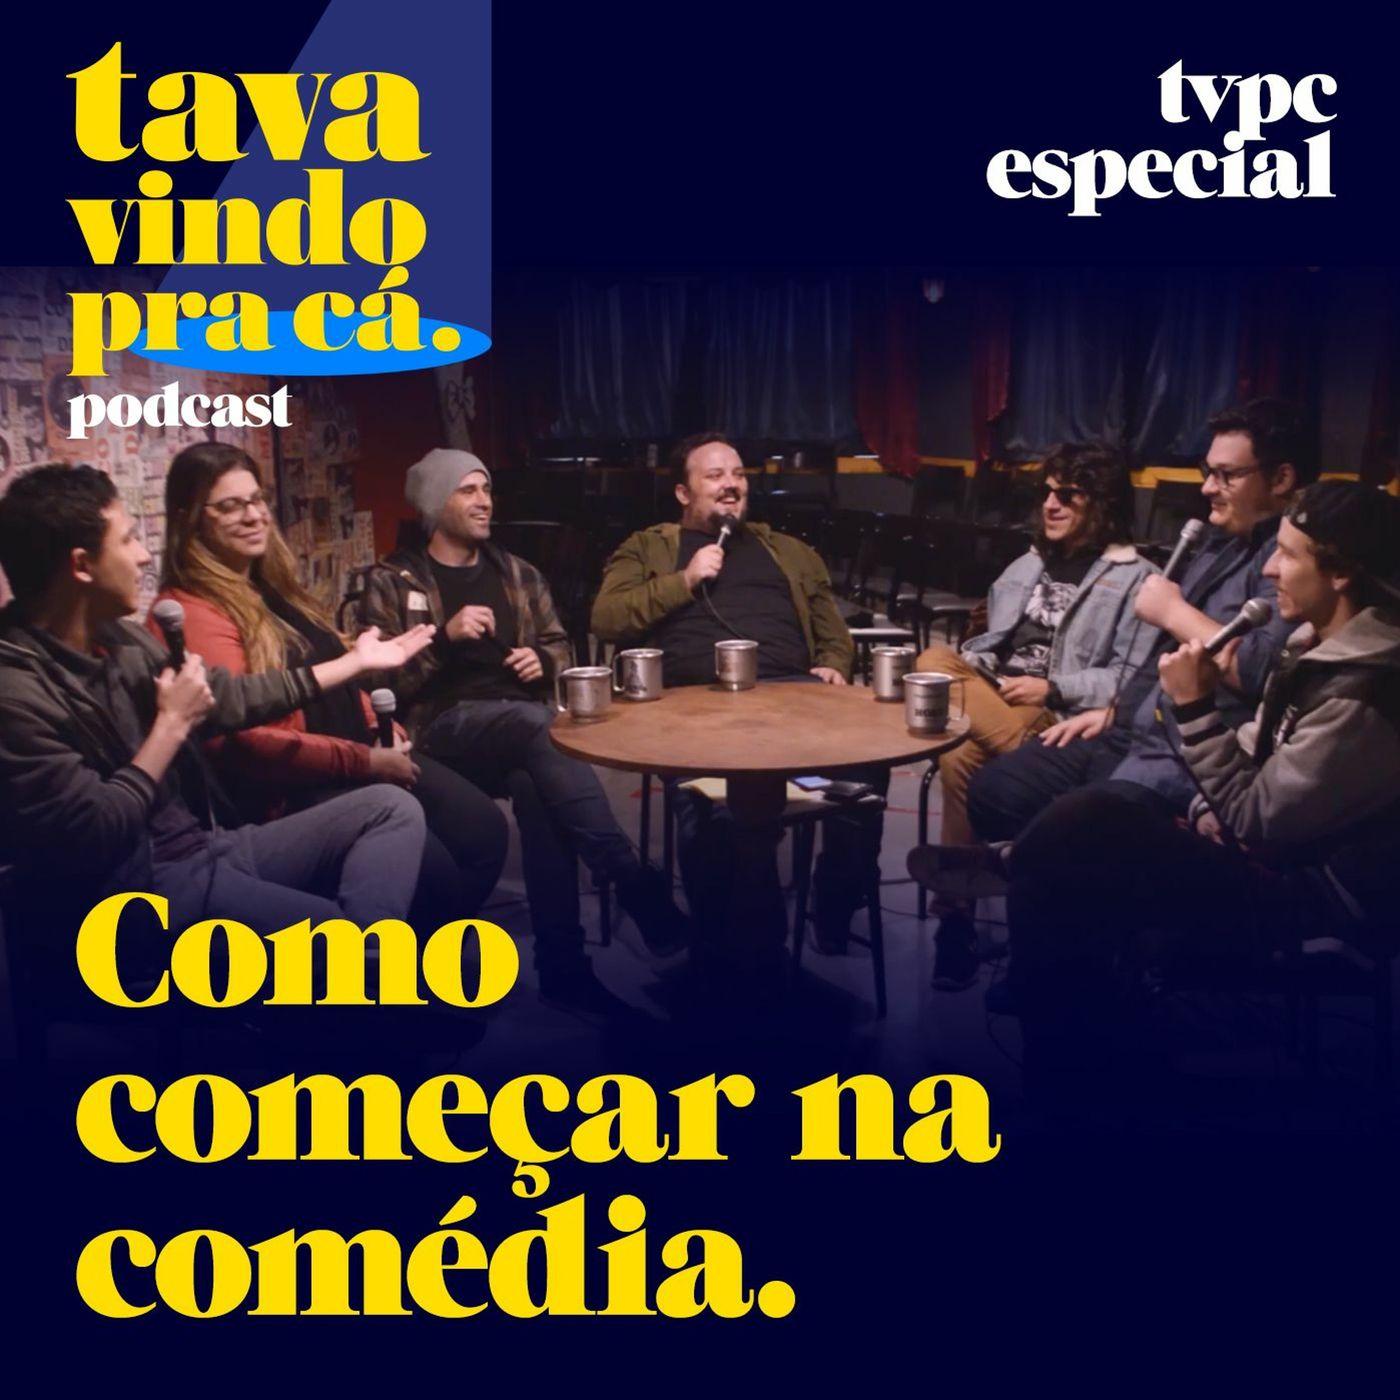 COMO COMEÇAR NA COMÉDIA - TVPC ESPECIAL